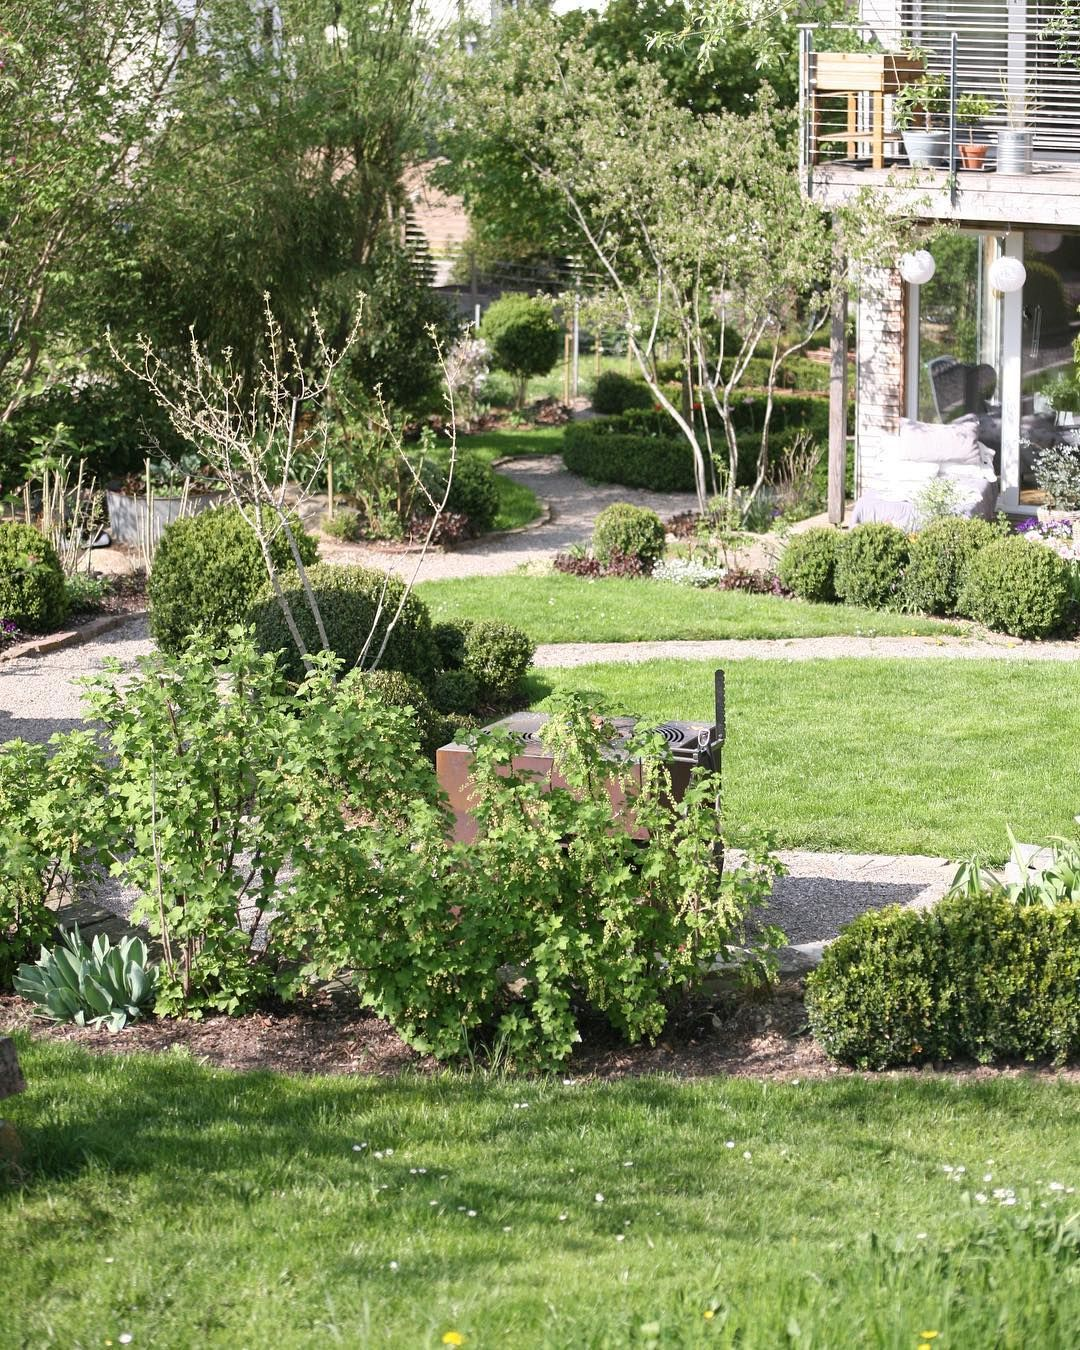 Im Vordergrund Tragen Die Vier Roten Johannisbeerbusche Schon Winzige Beeren Rote Johannisbeeren Mag Ich Am Liebsten Ein Schweizer Garten Garten Bepflanzung